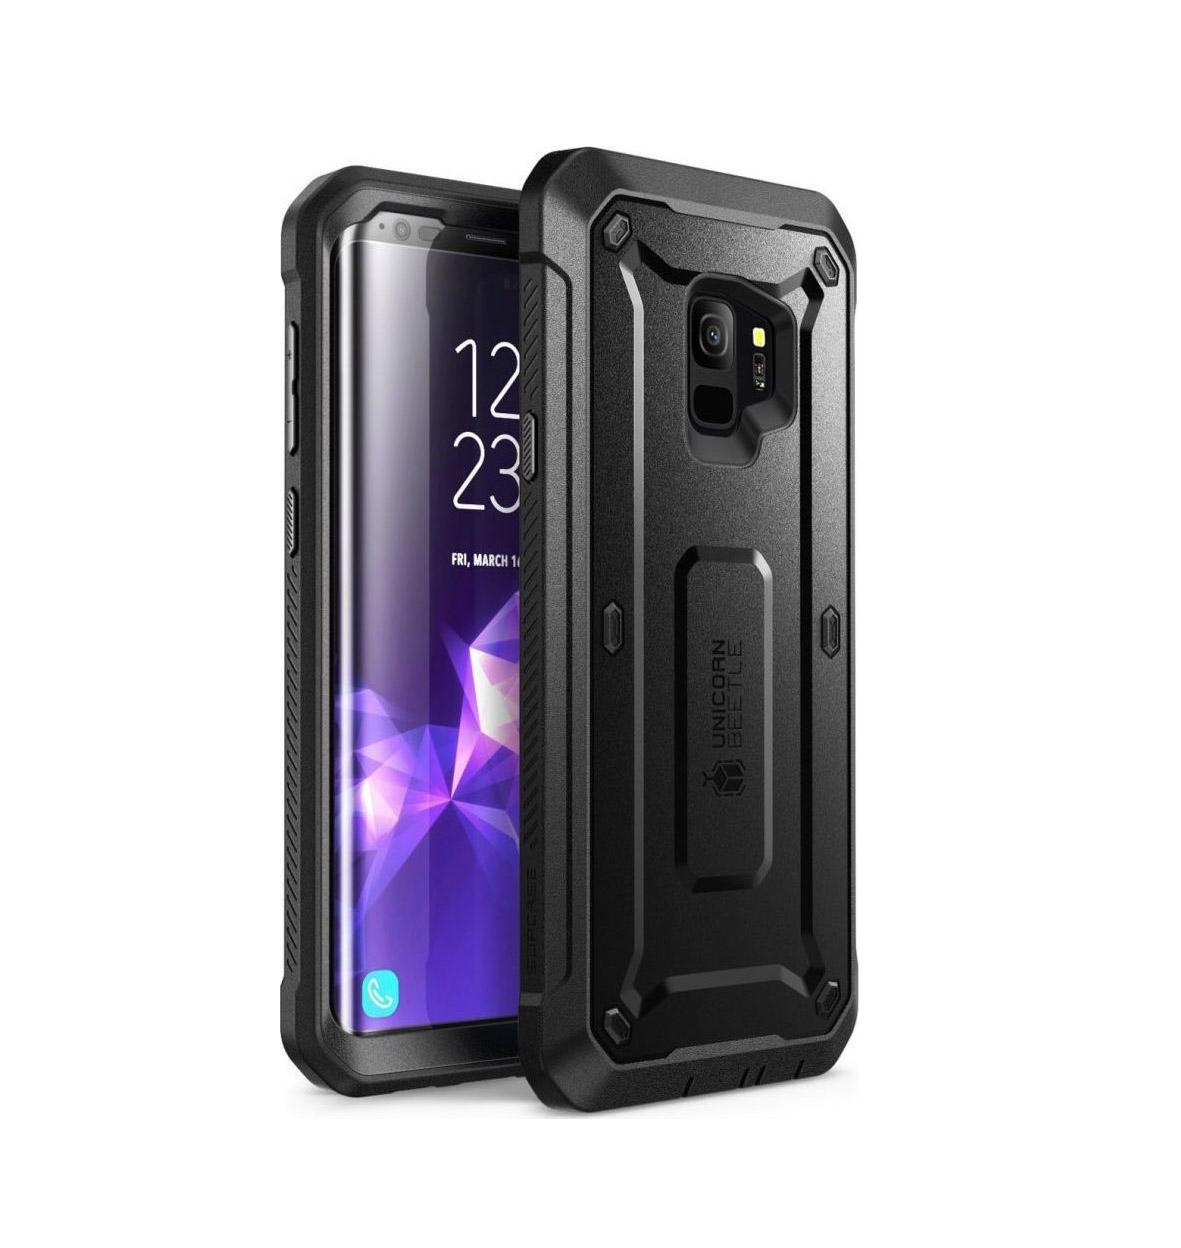 Θήκη Supcase Unicorn Beetle Pro για Samsung Galaxy S9 G960 Black